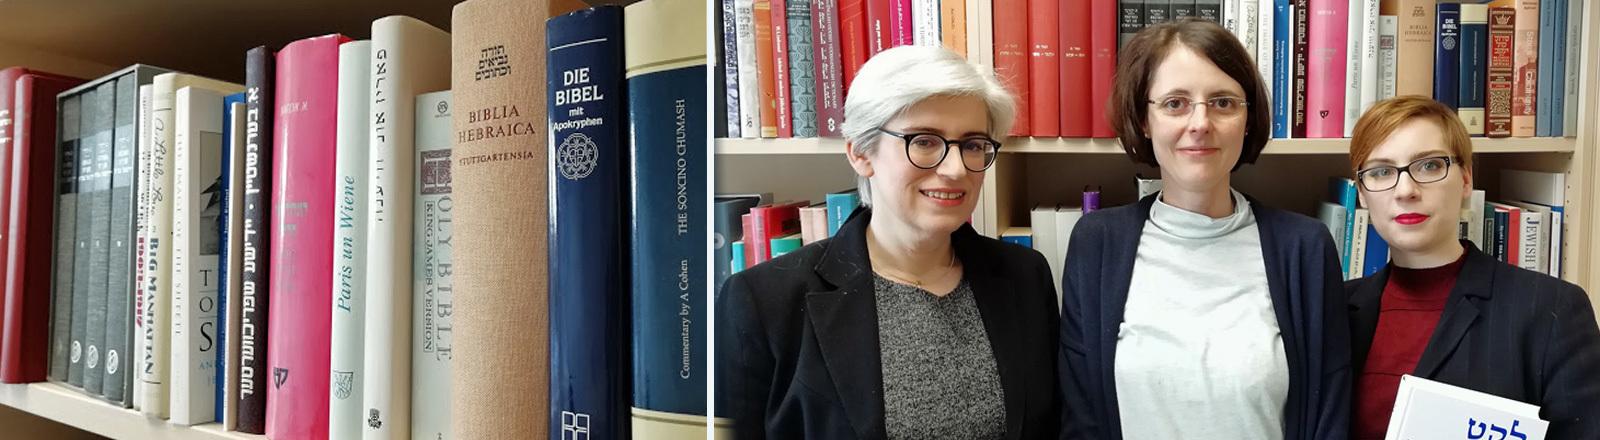 Kleiner Studiengang mit nur drei Studentinnen an der Heinrich-Heine-Universität Düsseldorf Jiddische Kultur, Sprache und Literatur. Zu sehen sind v.l.n.r.: Prof. Marion Aptroot, die Studentinnen Astrid Blees und Anna Rogel